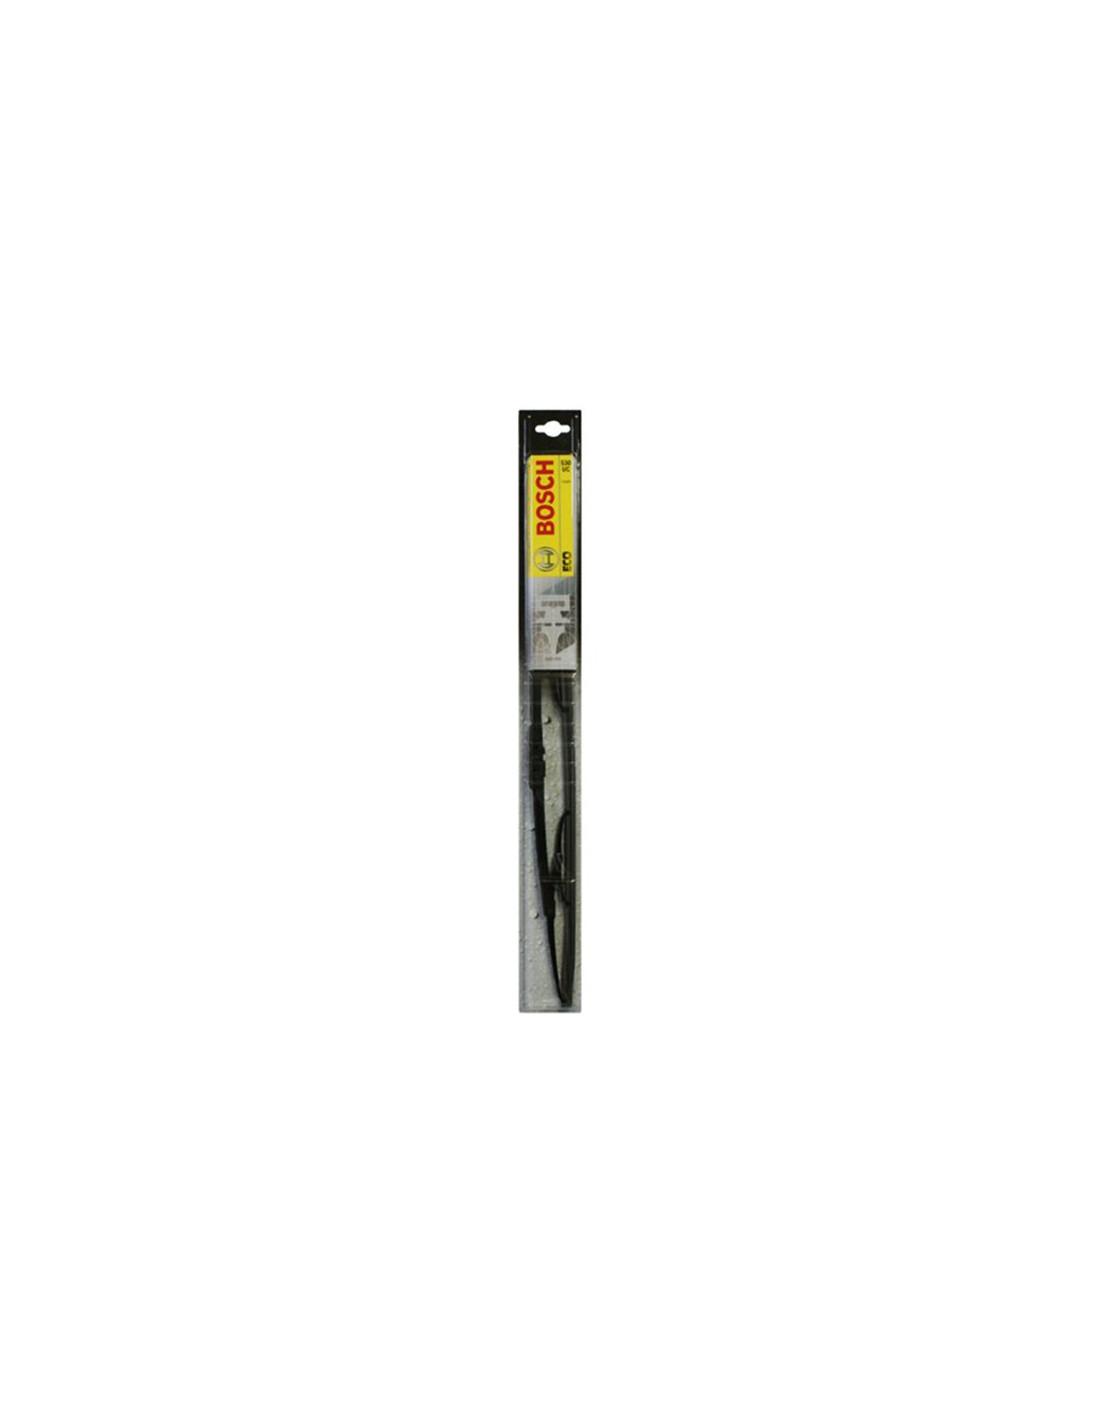 Spazzola Tergicristallo Nero Bosch Eco 530 U, Lunghezza: 53 Cm Bosch